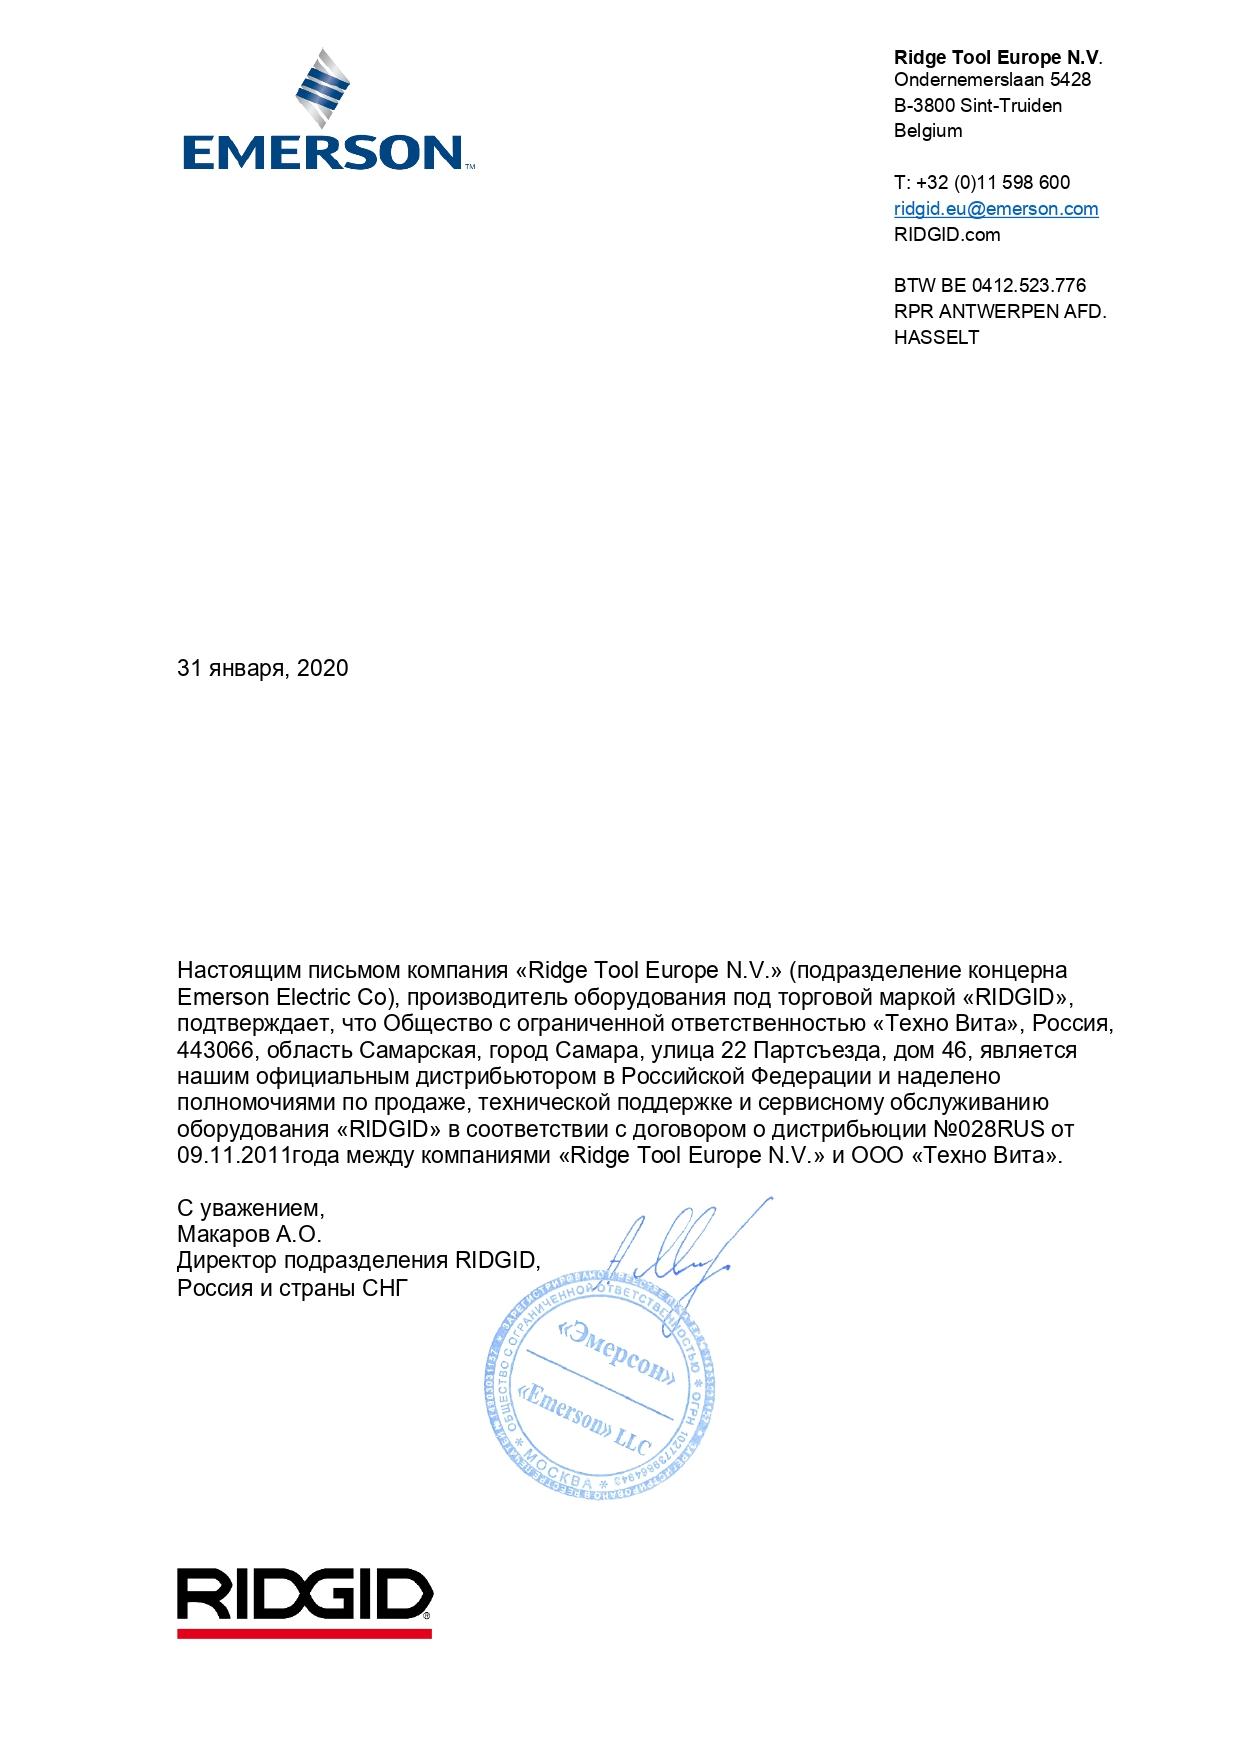 Официальный сертификат продукции RIDGID